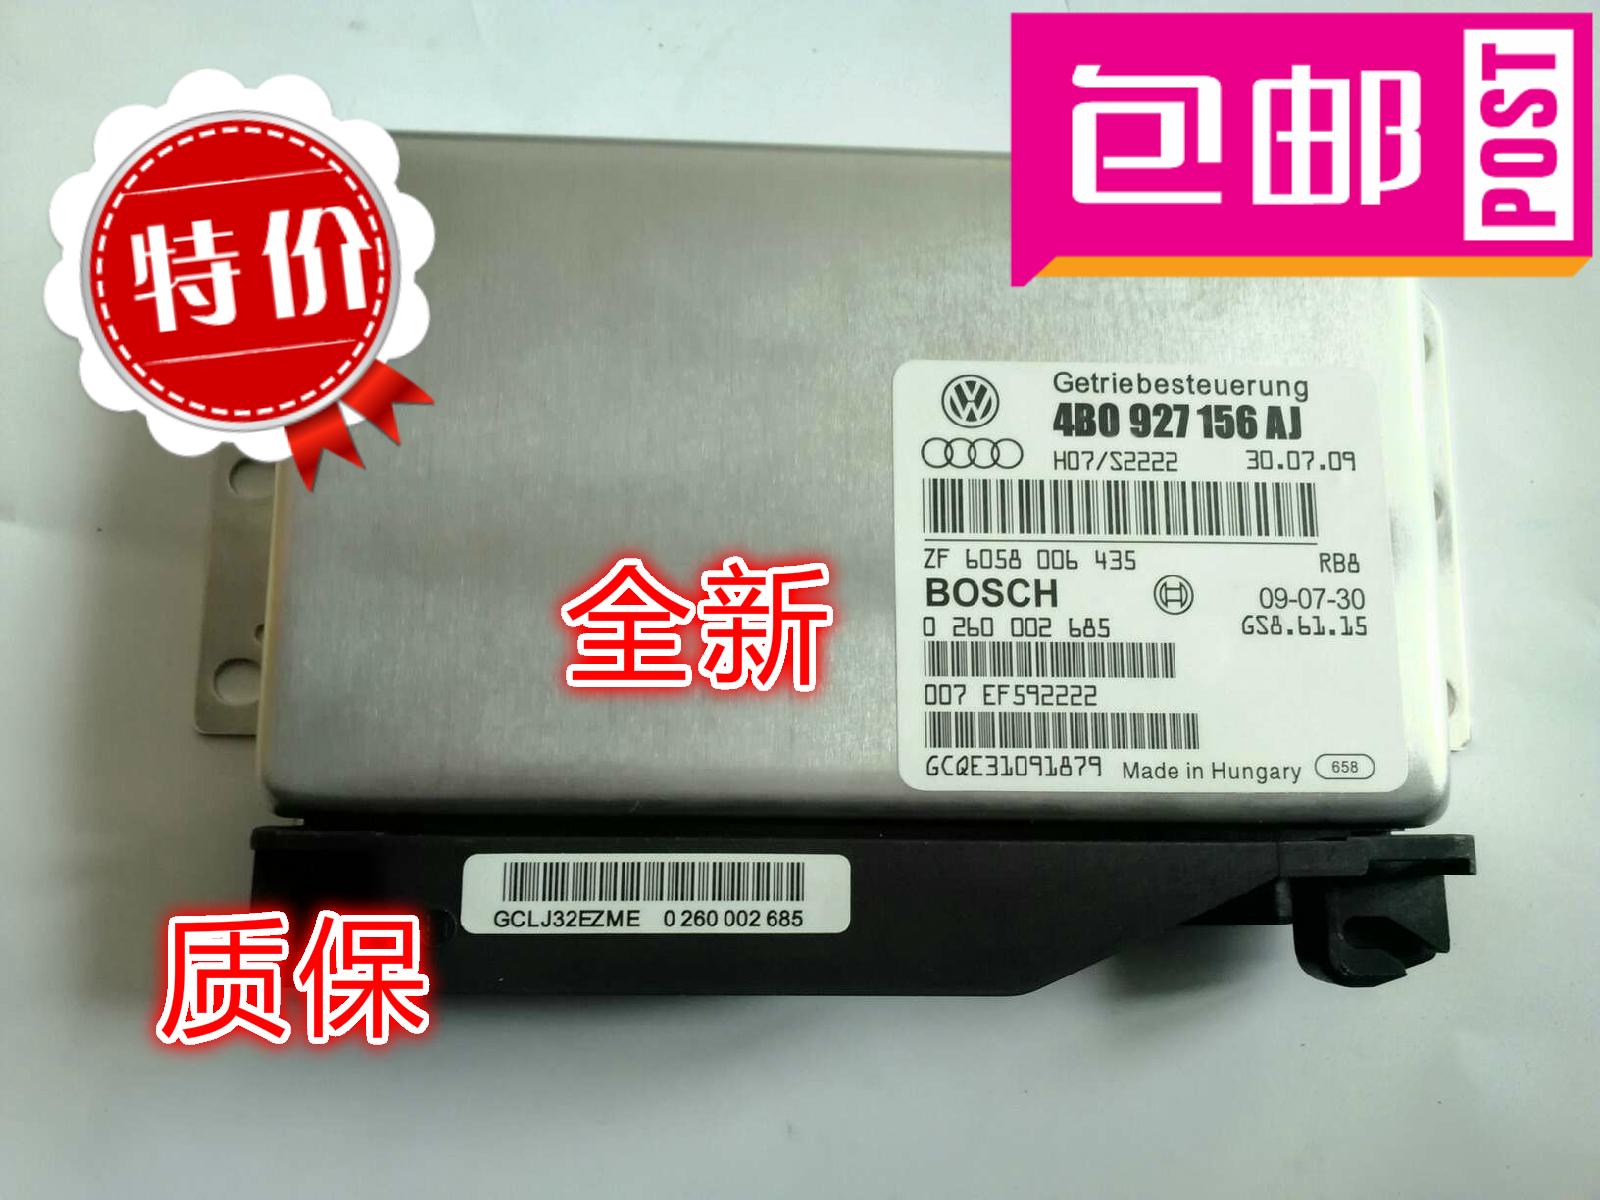 Автомобильный чип Passat b5  A6 B5 1.8T 01V 4/3B0927156 освещение водительского места sns 4pcs passat b6 3 led 12 4 1